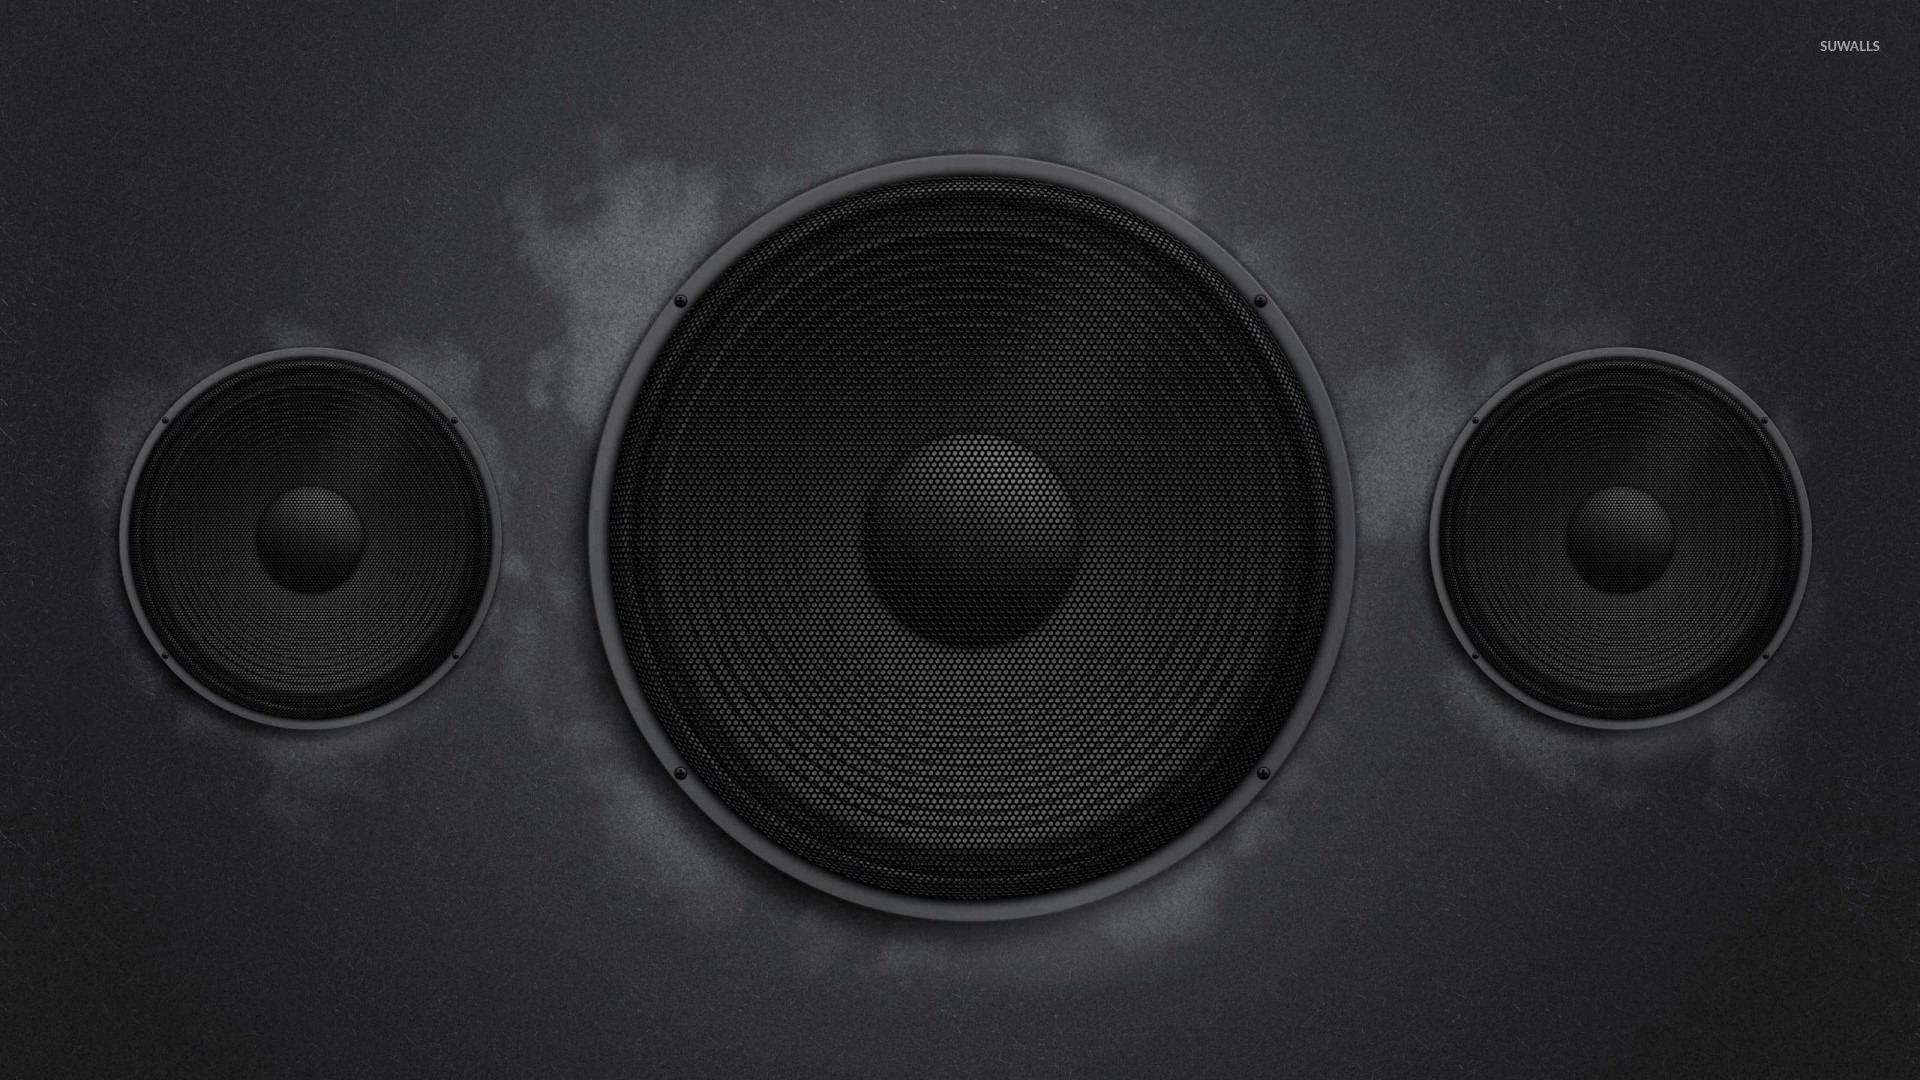 speakers-22359-1920x1080.jpg